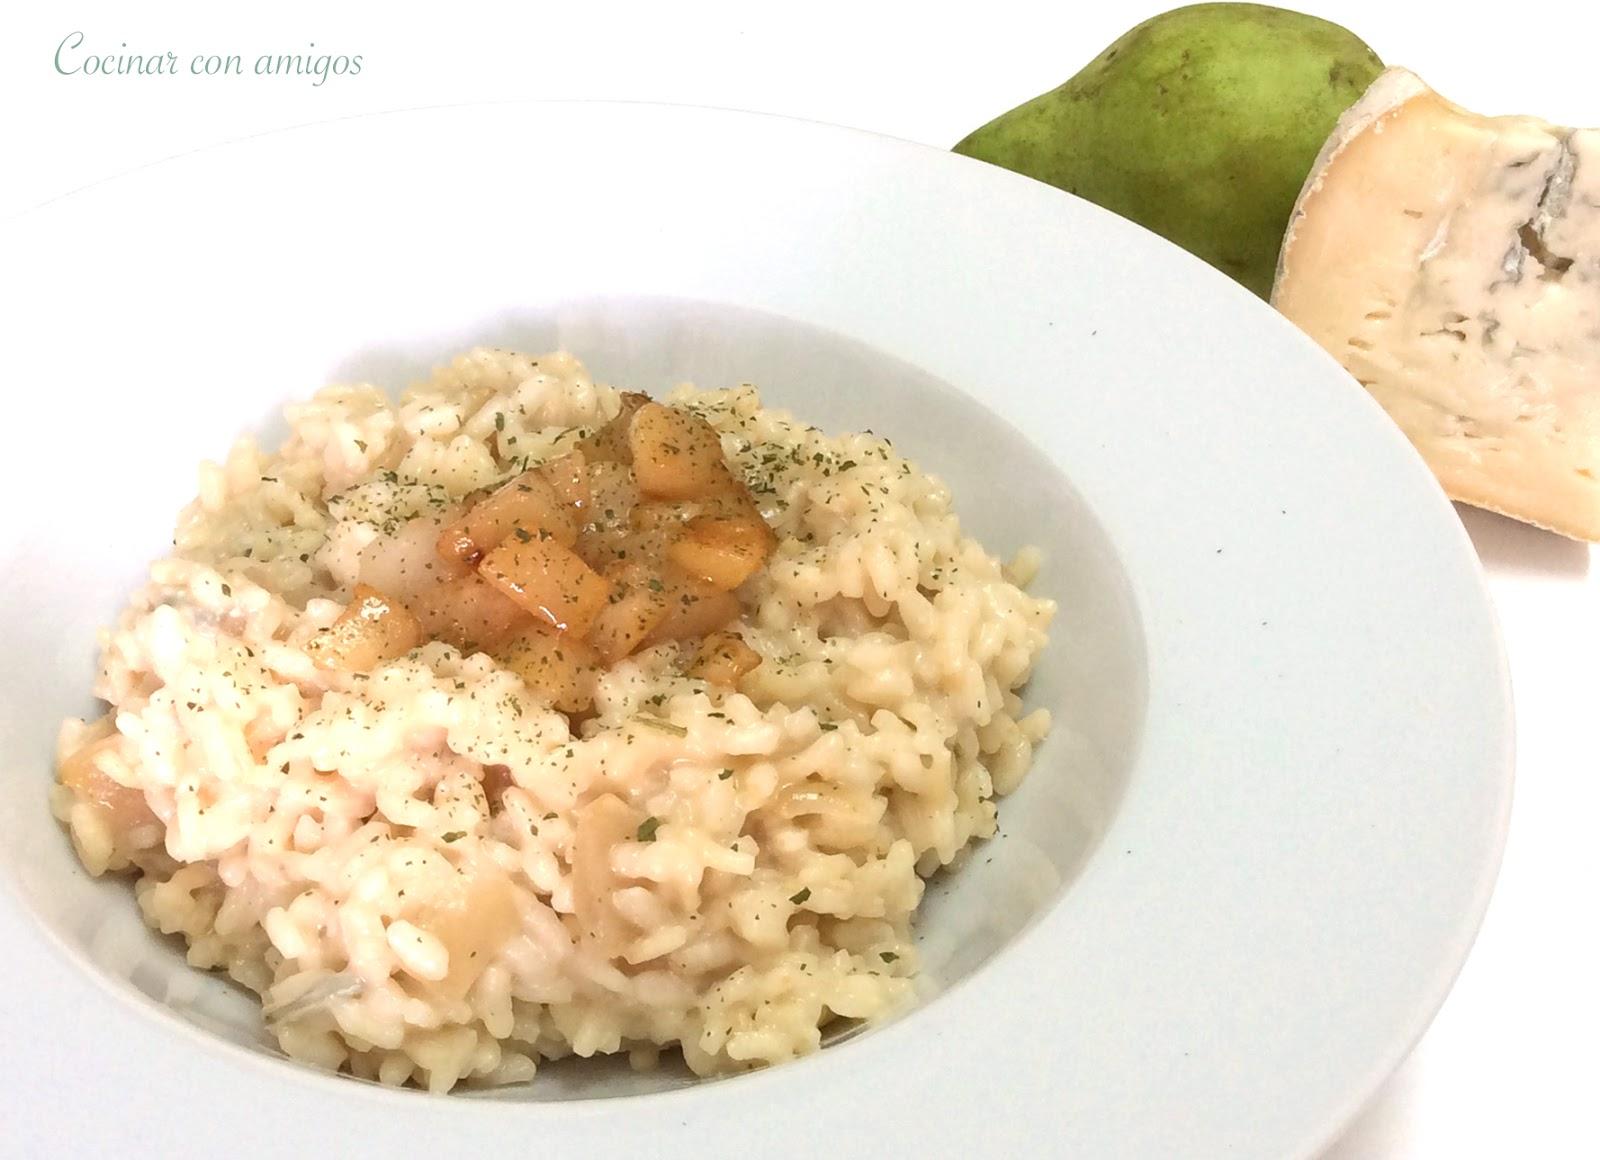 cocinar con amigos risotto de pera y gorgonzola On cocinar risotto